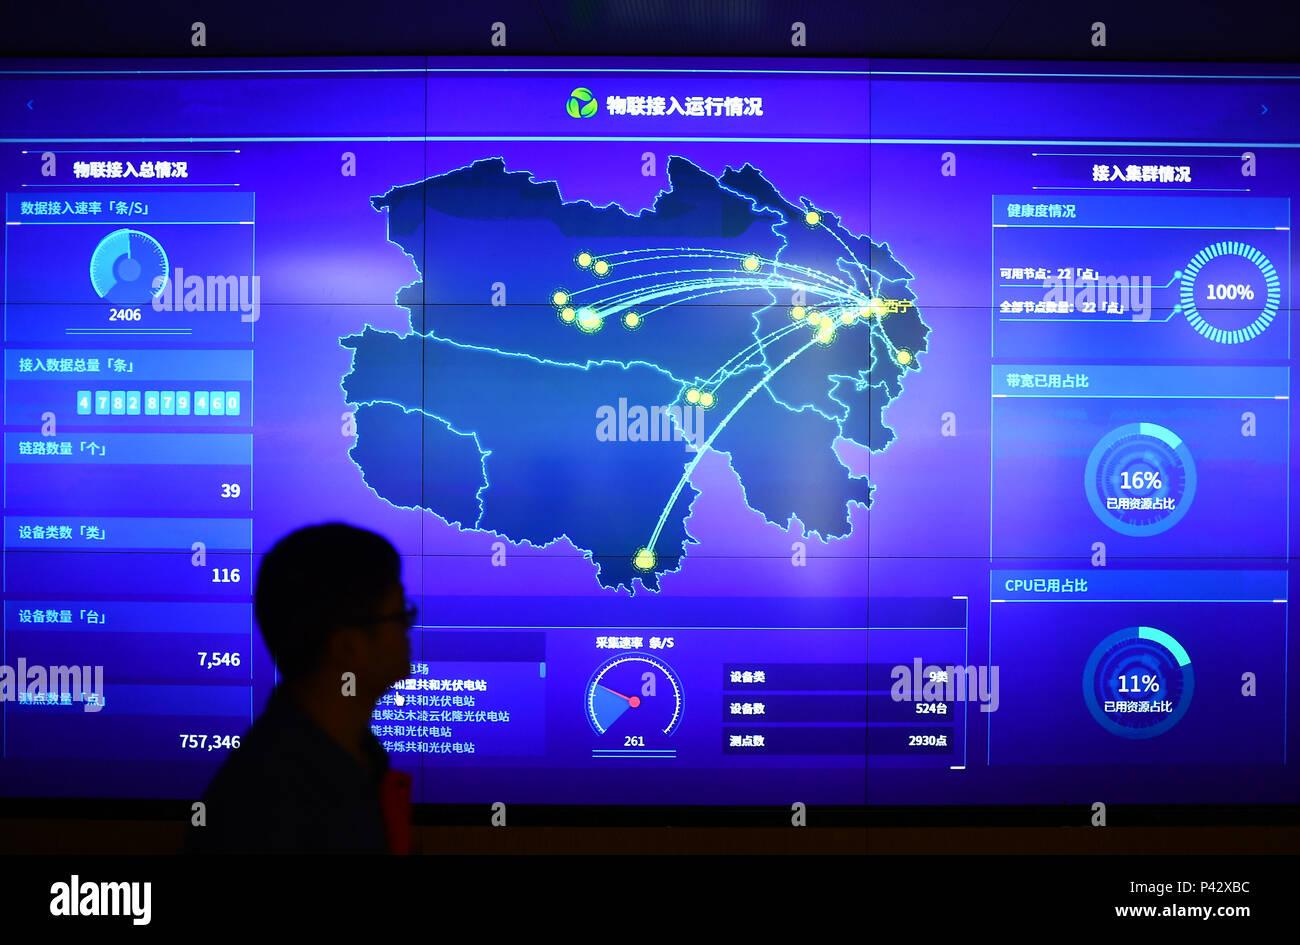 Xining, Province de Qinghai en Chine. 20 Juin, 2018. Un membre du personnel passe devant un écran de données à une nouvelle énergie et de la direction de la big data State Grid Qinghai Electric Power Company à Xining, Province de Qinghai, dans le nord-ouest de la Chine, le 20 juin 2018. La province du Qinghai dans le nord-ouest de la Chine le mercredi a amorcé une période de neuf jours d'alimentation d'énergie propre projet suite à la réussite d'un essai de sept jours l'année dernière. La province prévoit d'utiliser uniquement des sources d'énergie verte pour produire de l'électricité à partir de la chambre 20 au 28 juin pour promouvoir l'utilisation de l'énergie propre. Credit: Zhang Hongxiang/Xinhua/Alamy Live News Photo Stock